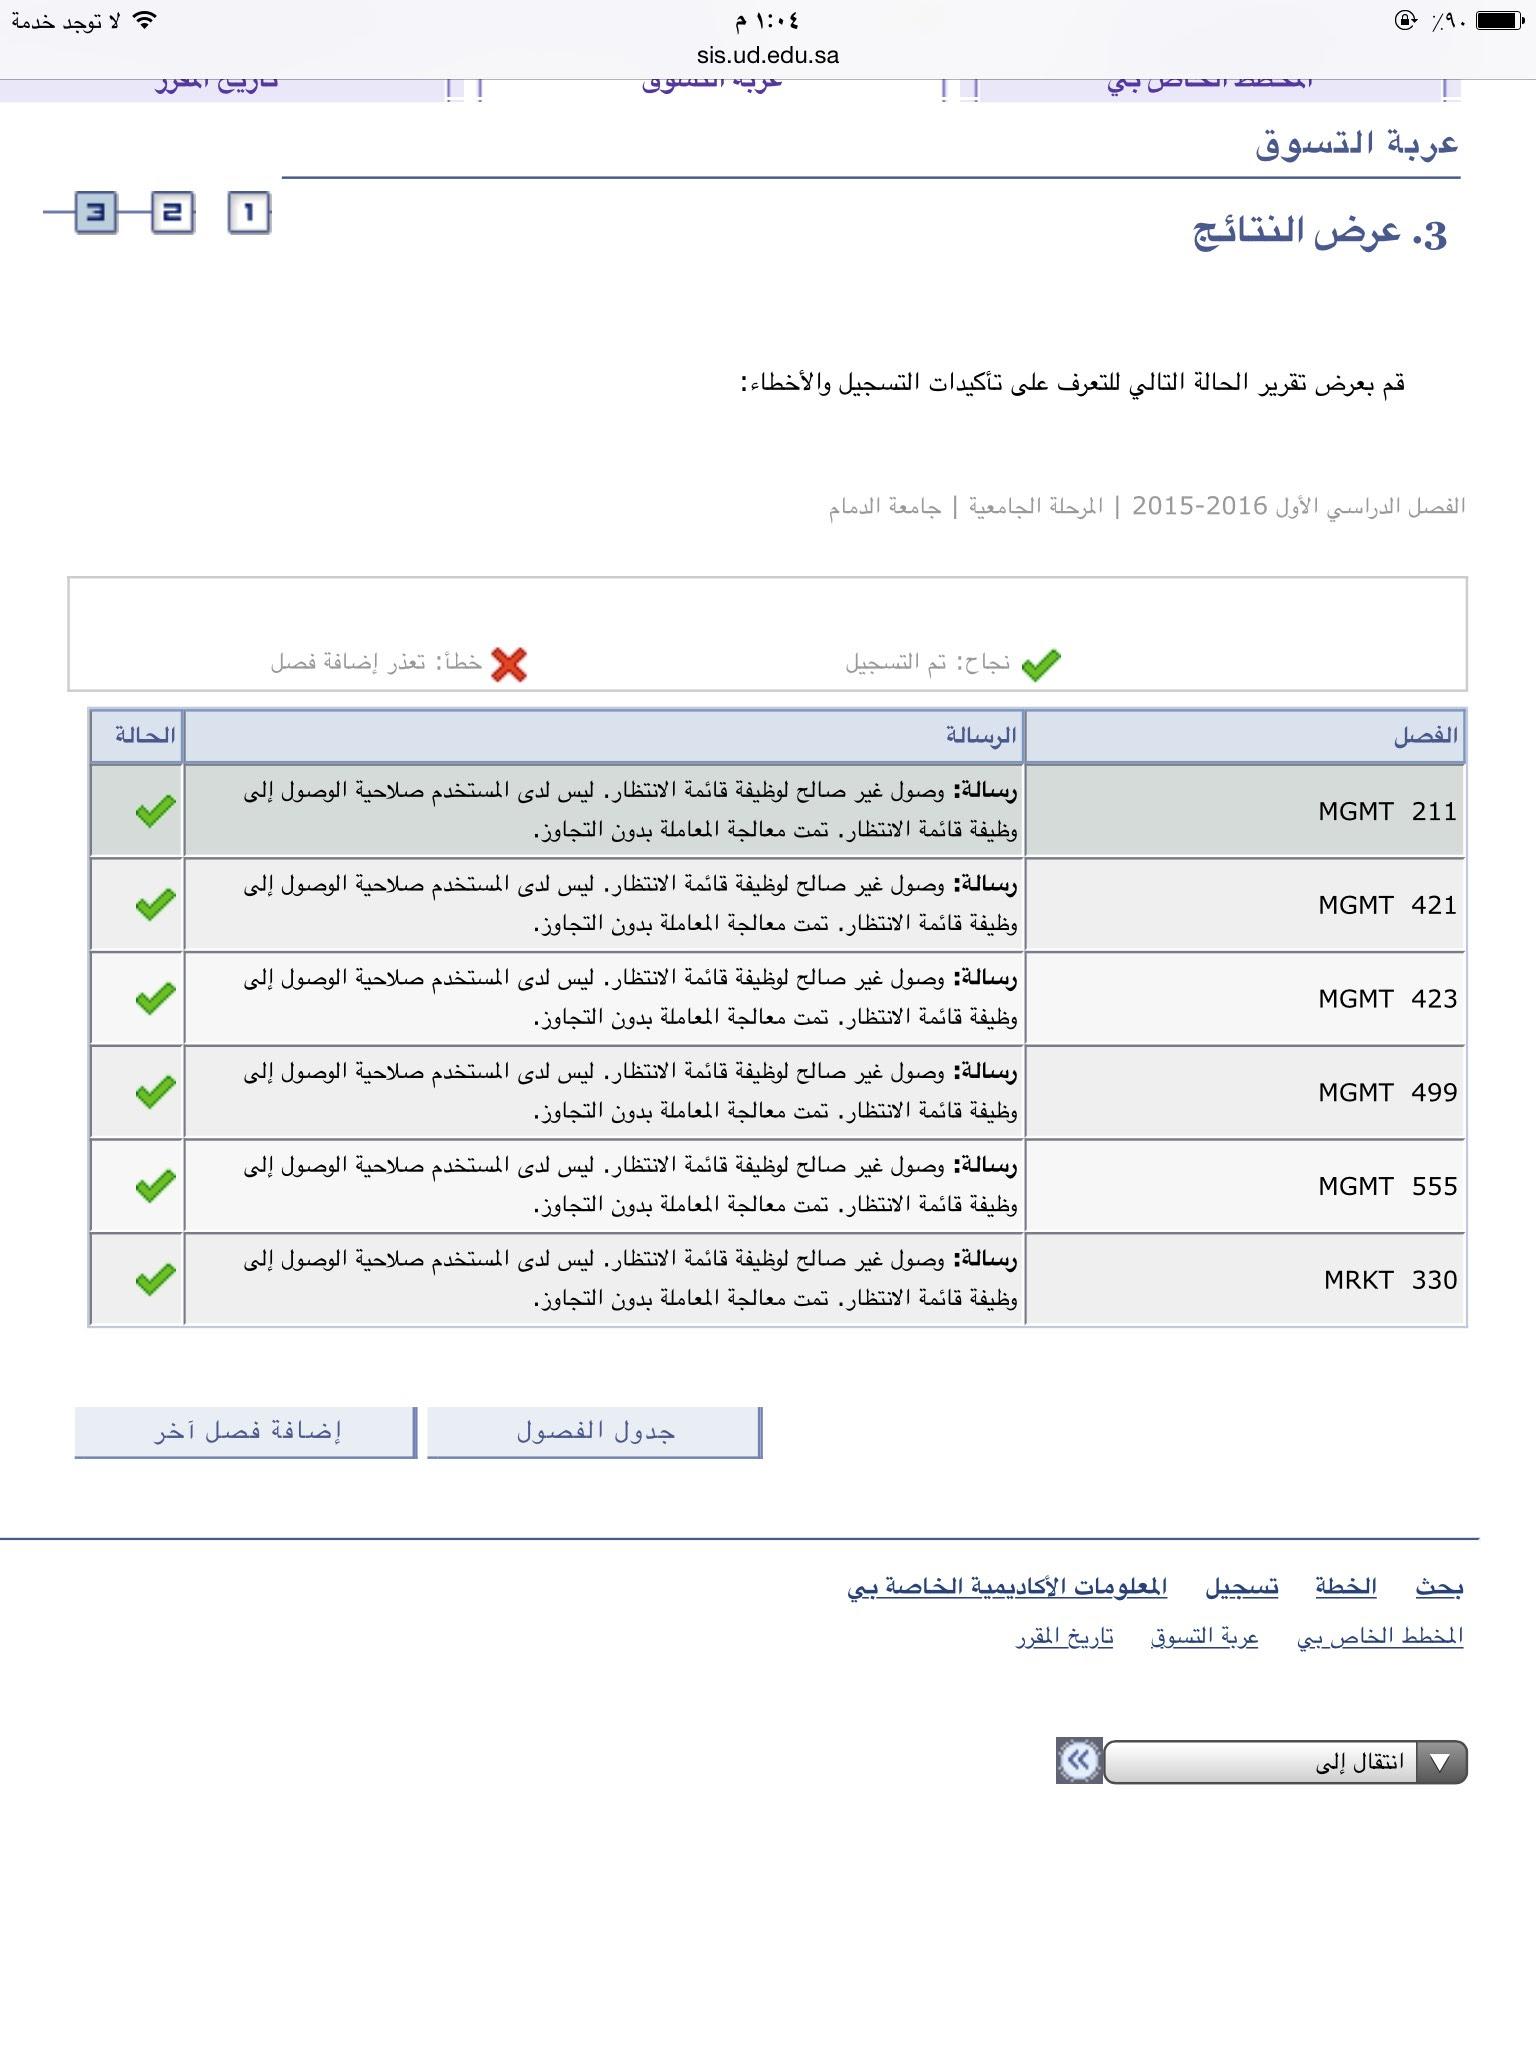 سجل الطلاب جامعة حفر الباطن Al Ilmu 12